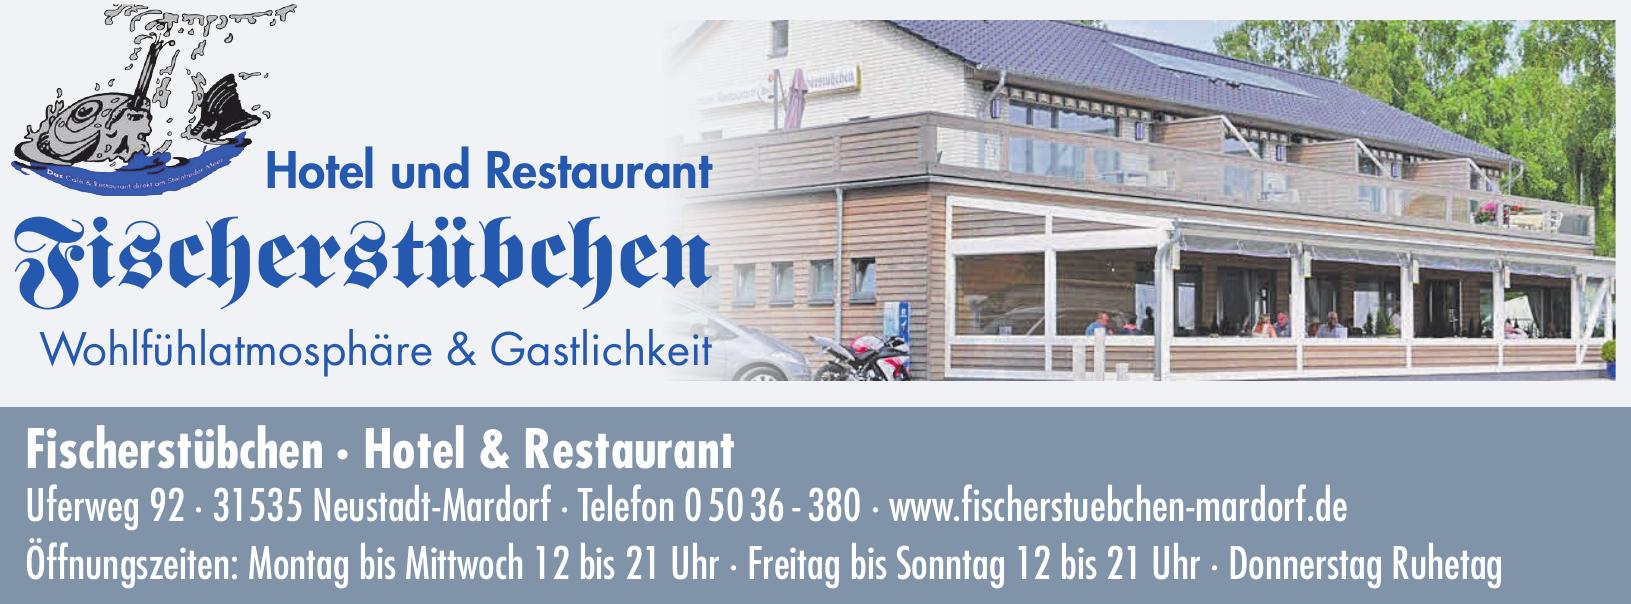 Hotel und Restaurant Fischerstübchen